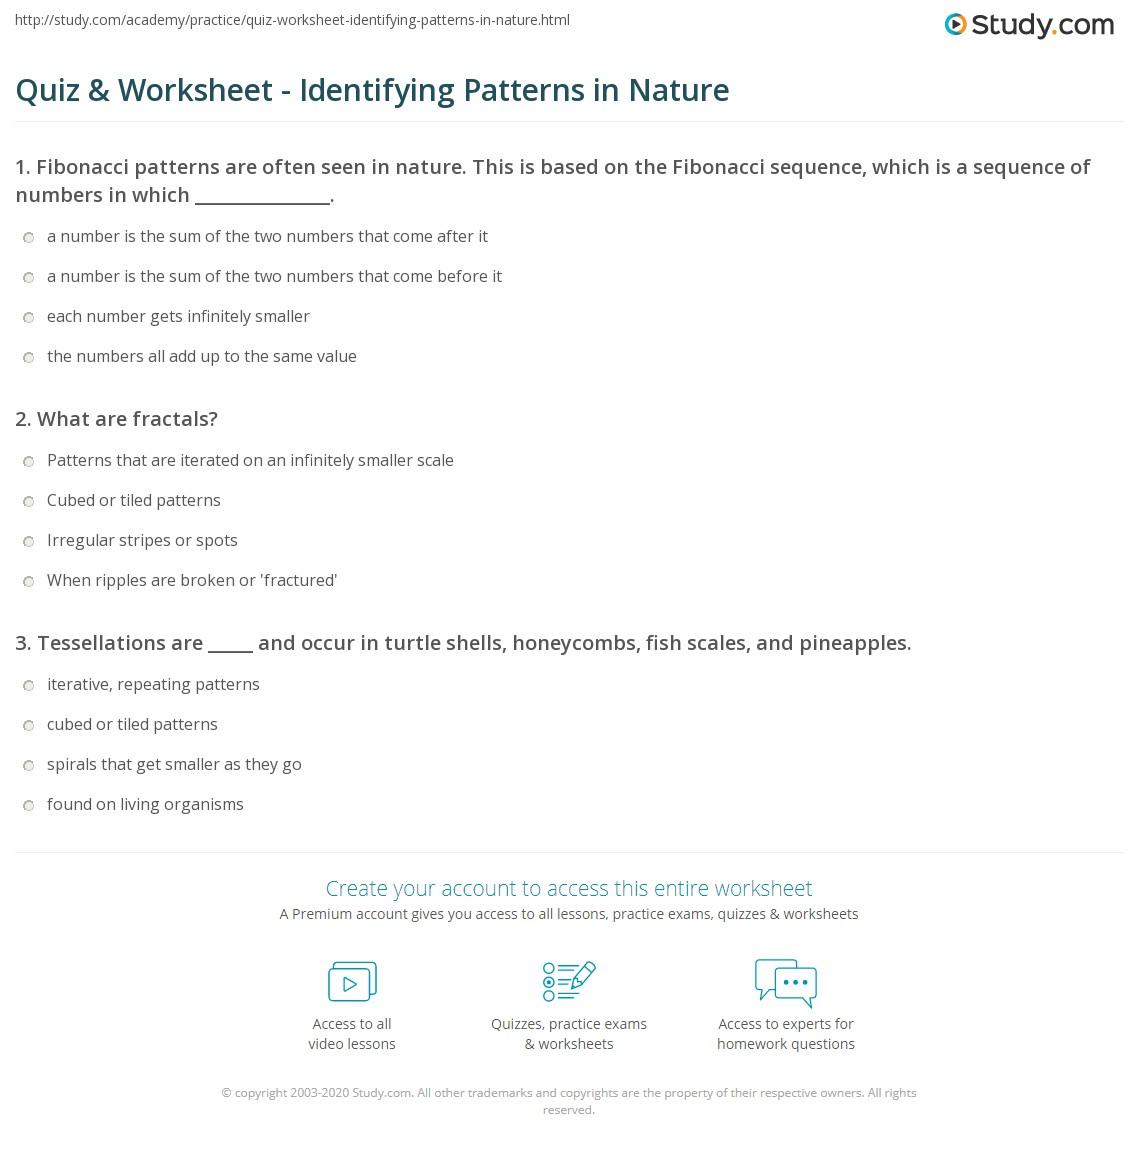 quiz worksheet identifying patterns in nature. Black Bedroom Furniture Sets. Home Design Ideas